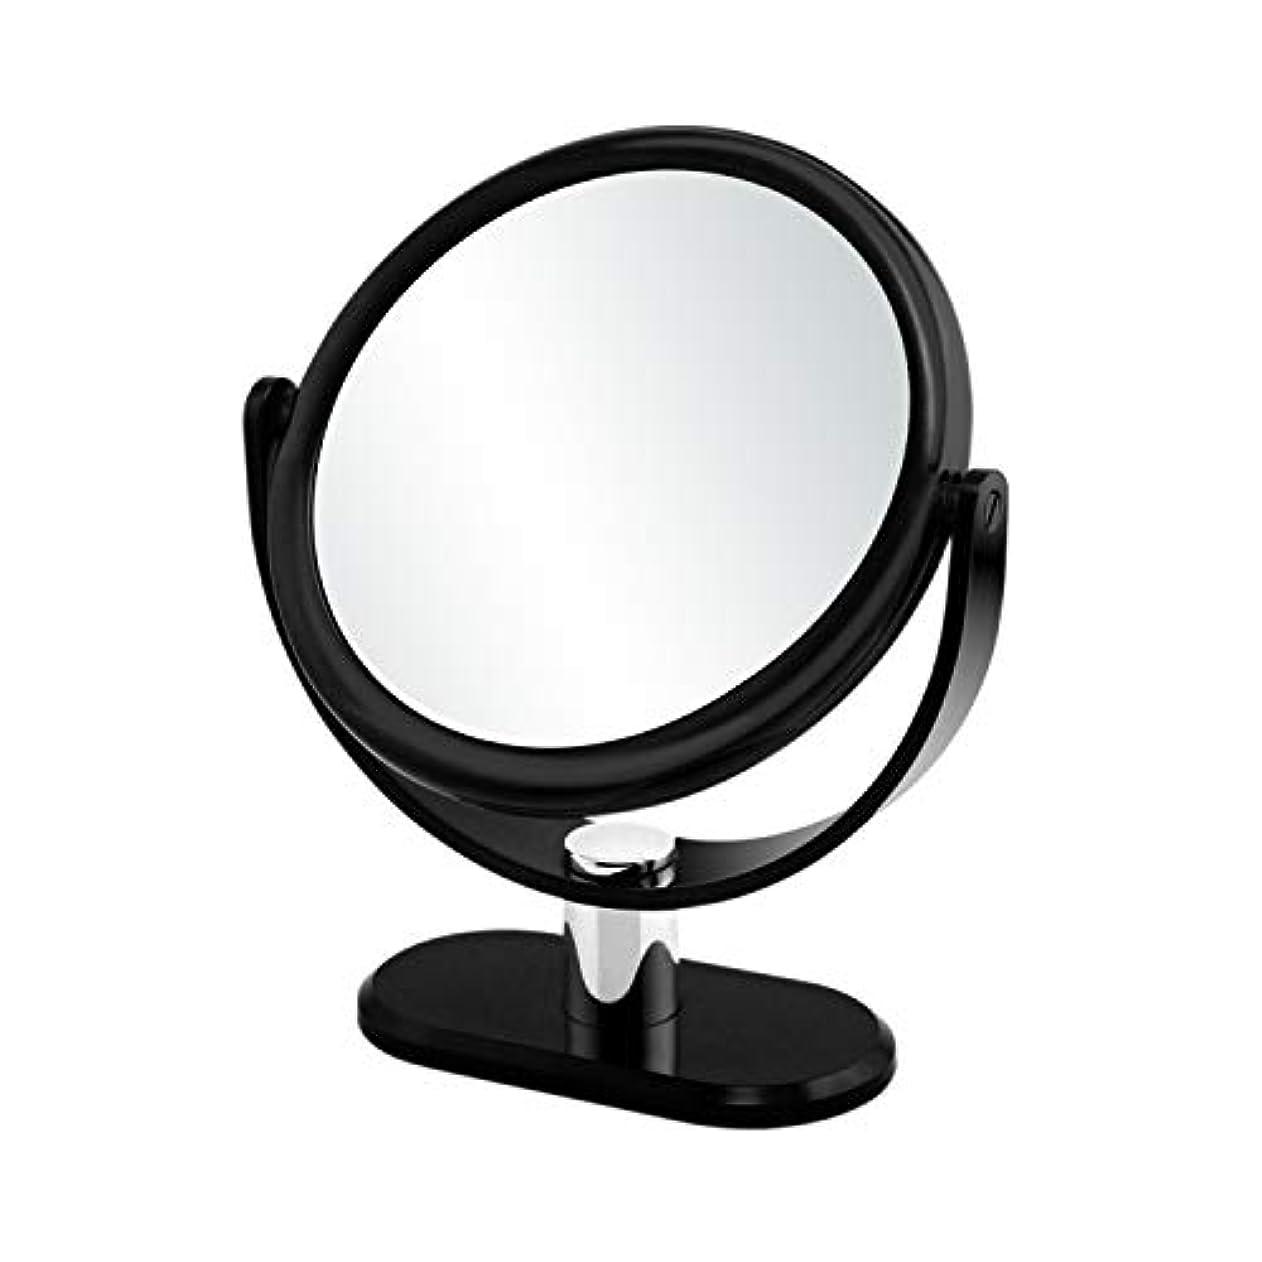 カフェ便利溶けるGorwRich ブラック卓上鏡 化粧鏡 スタンドミラー 女優ミラー 卓上ミラー 両面鏡 7倍拡大鏡と等倍鏡